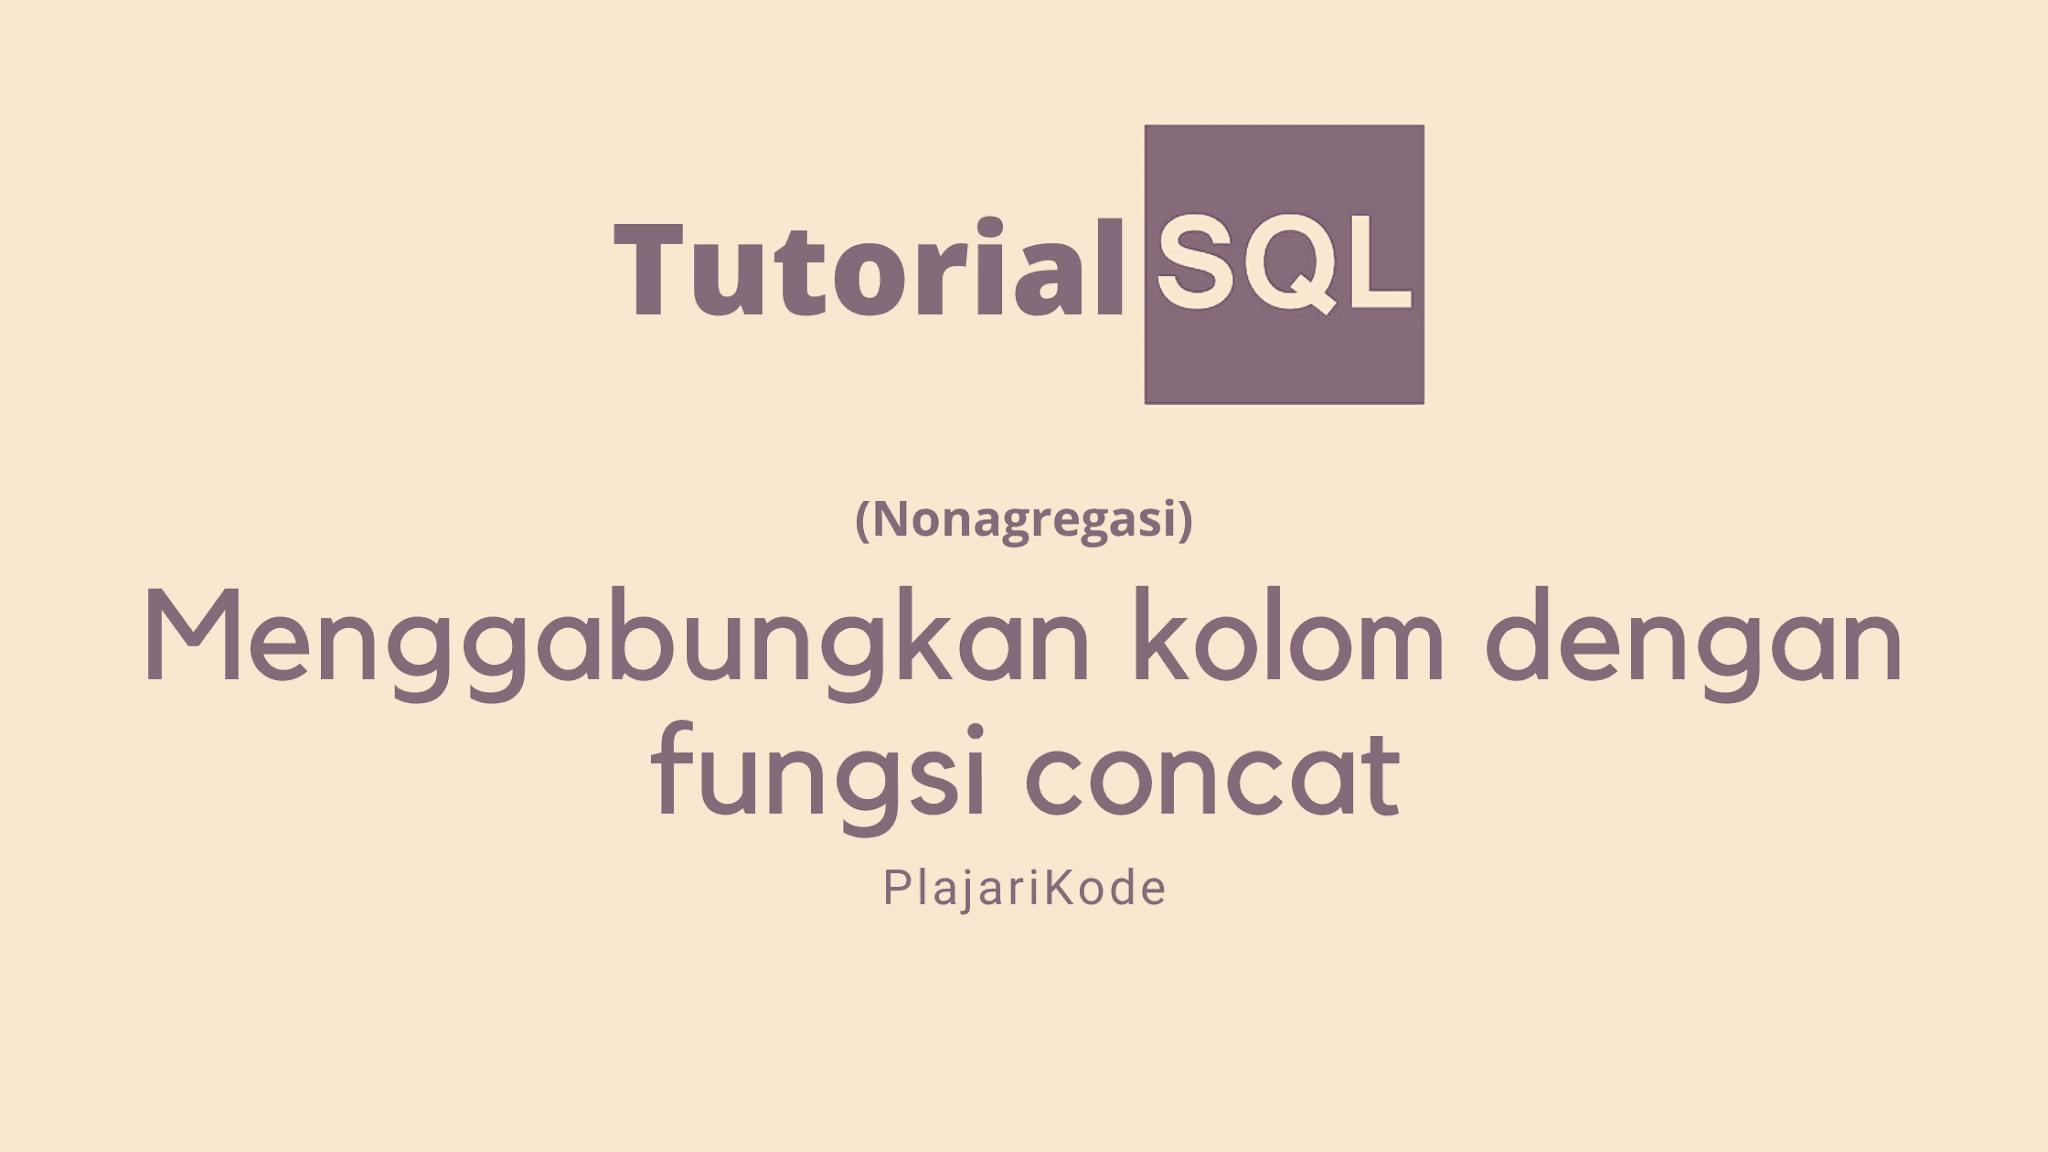 Belajar SQL - Menggabungkan kolom dengan fungsi concat